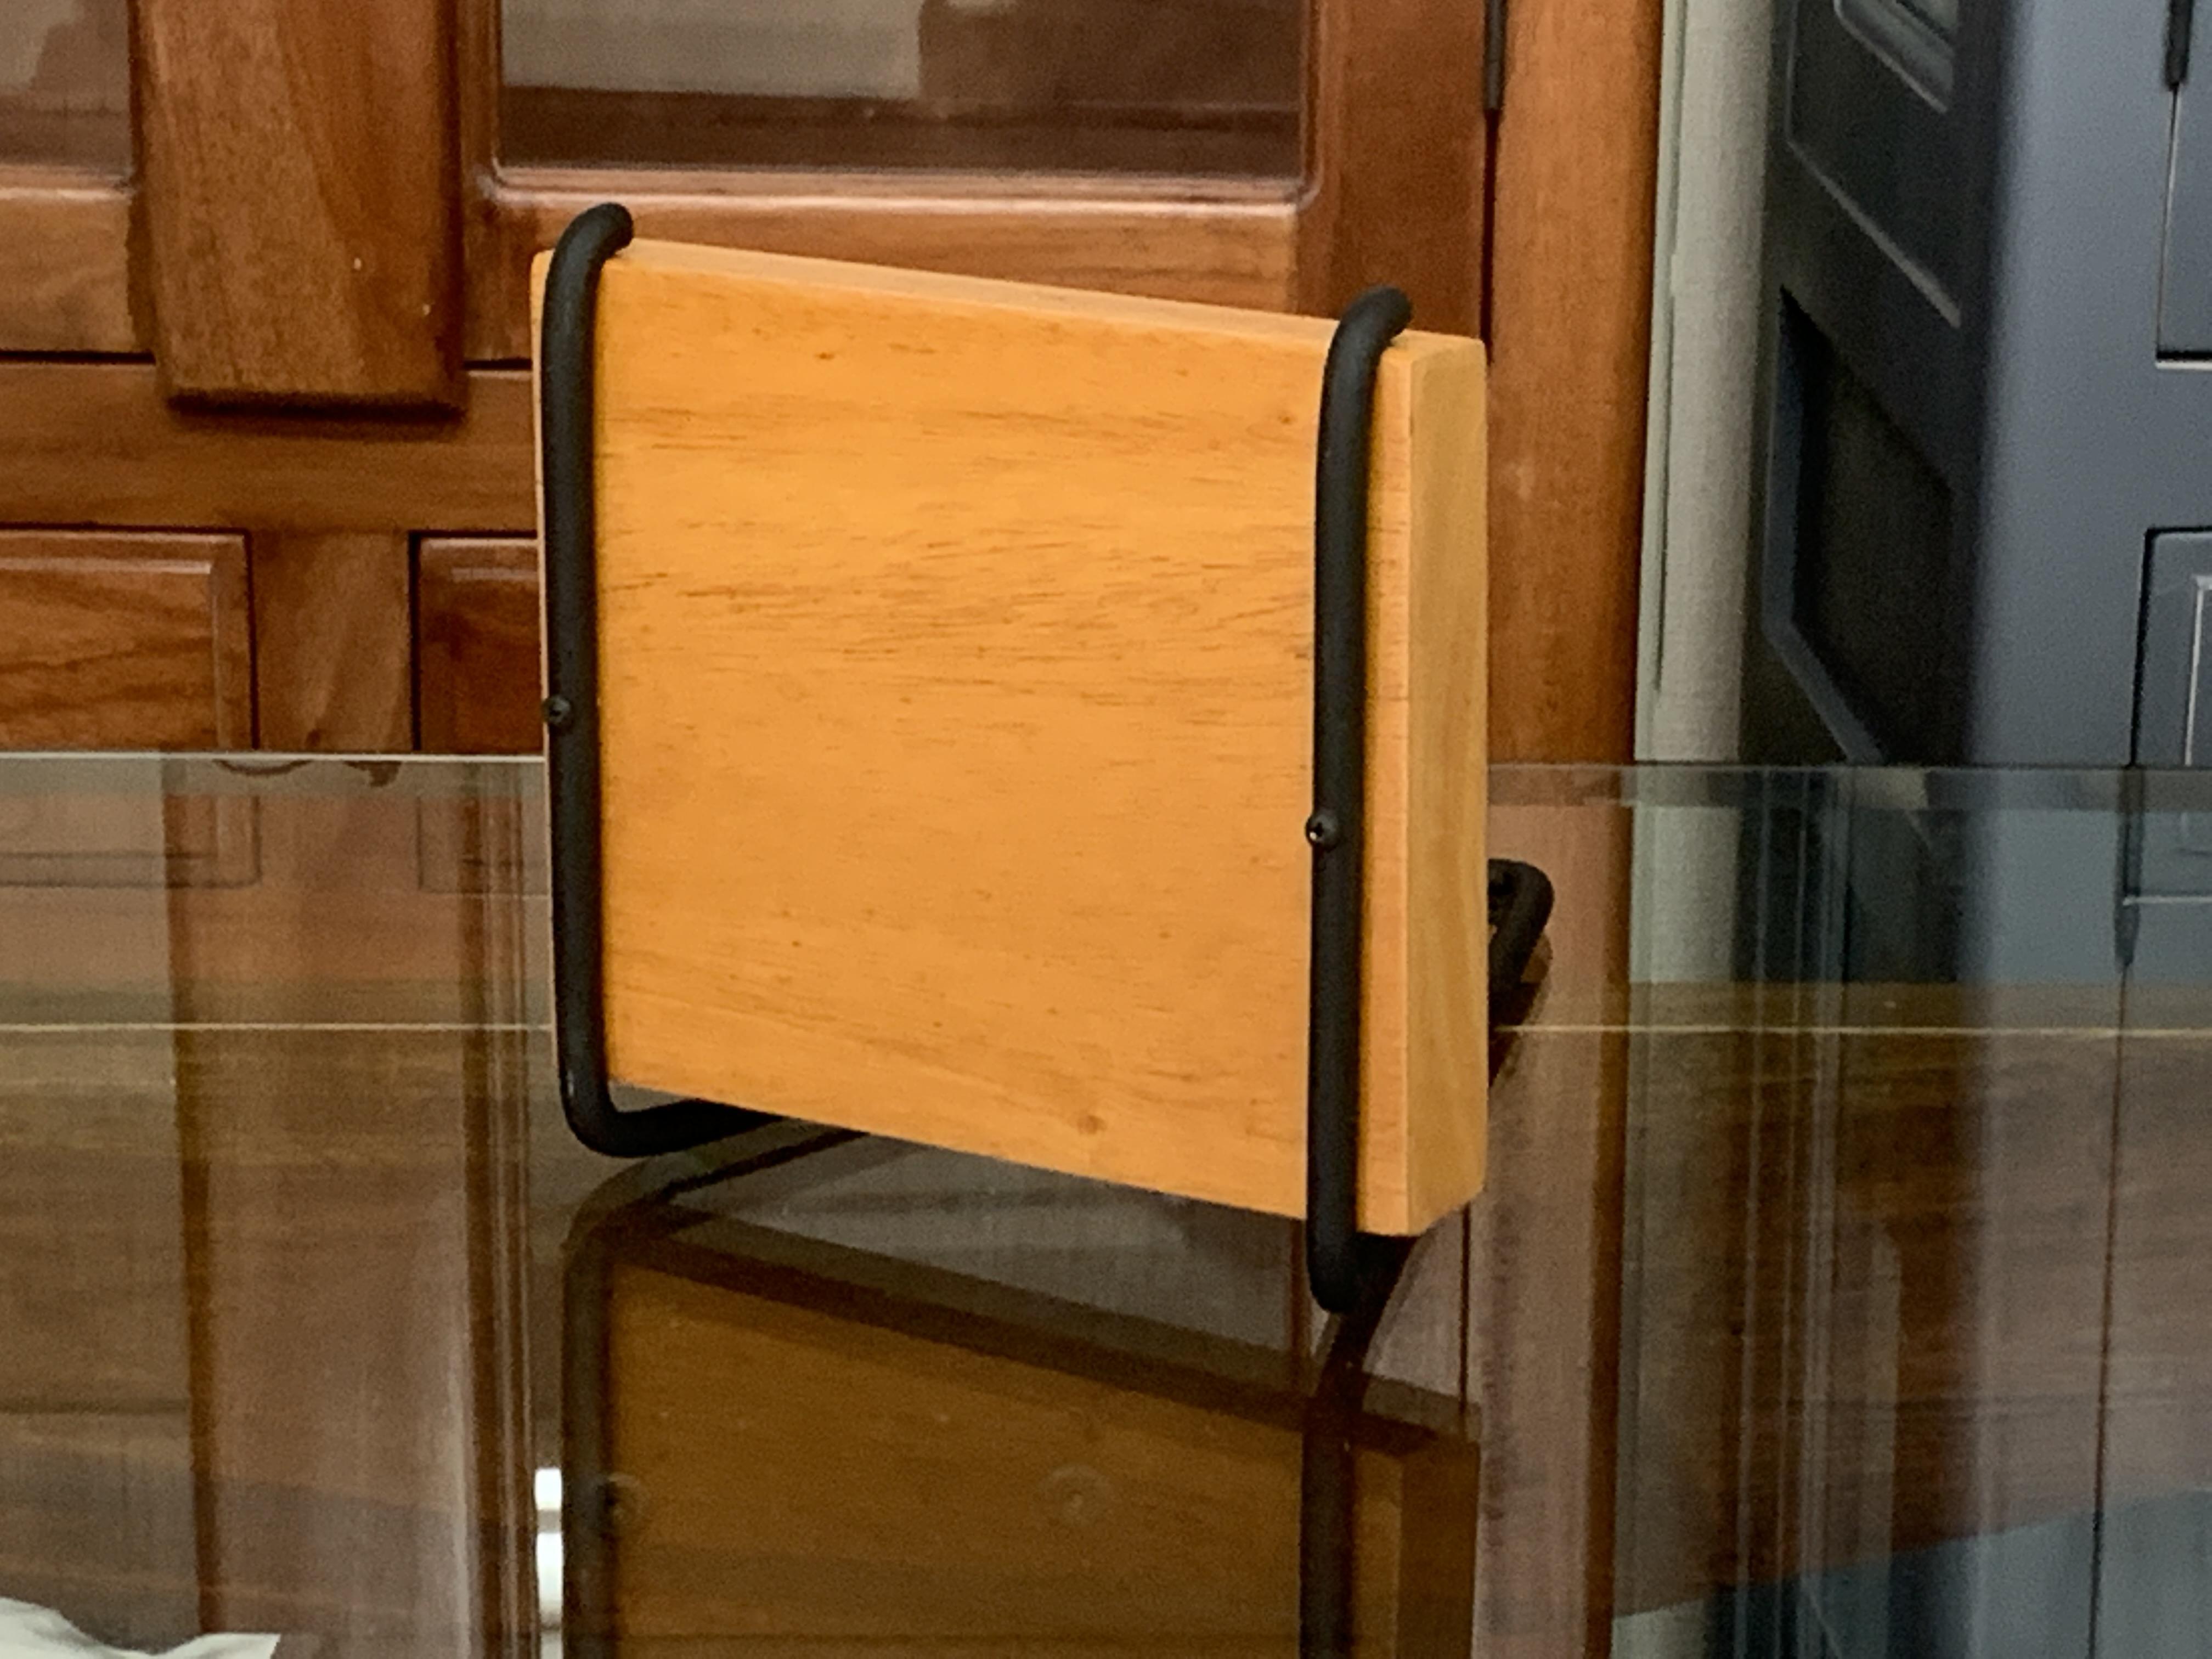 壁掛けウォールシェルフ 木製台座アイアンフレーム